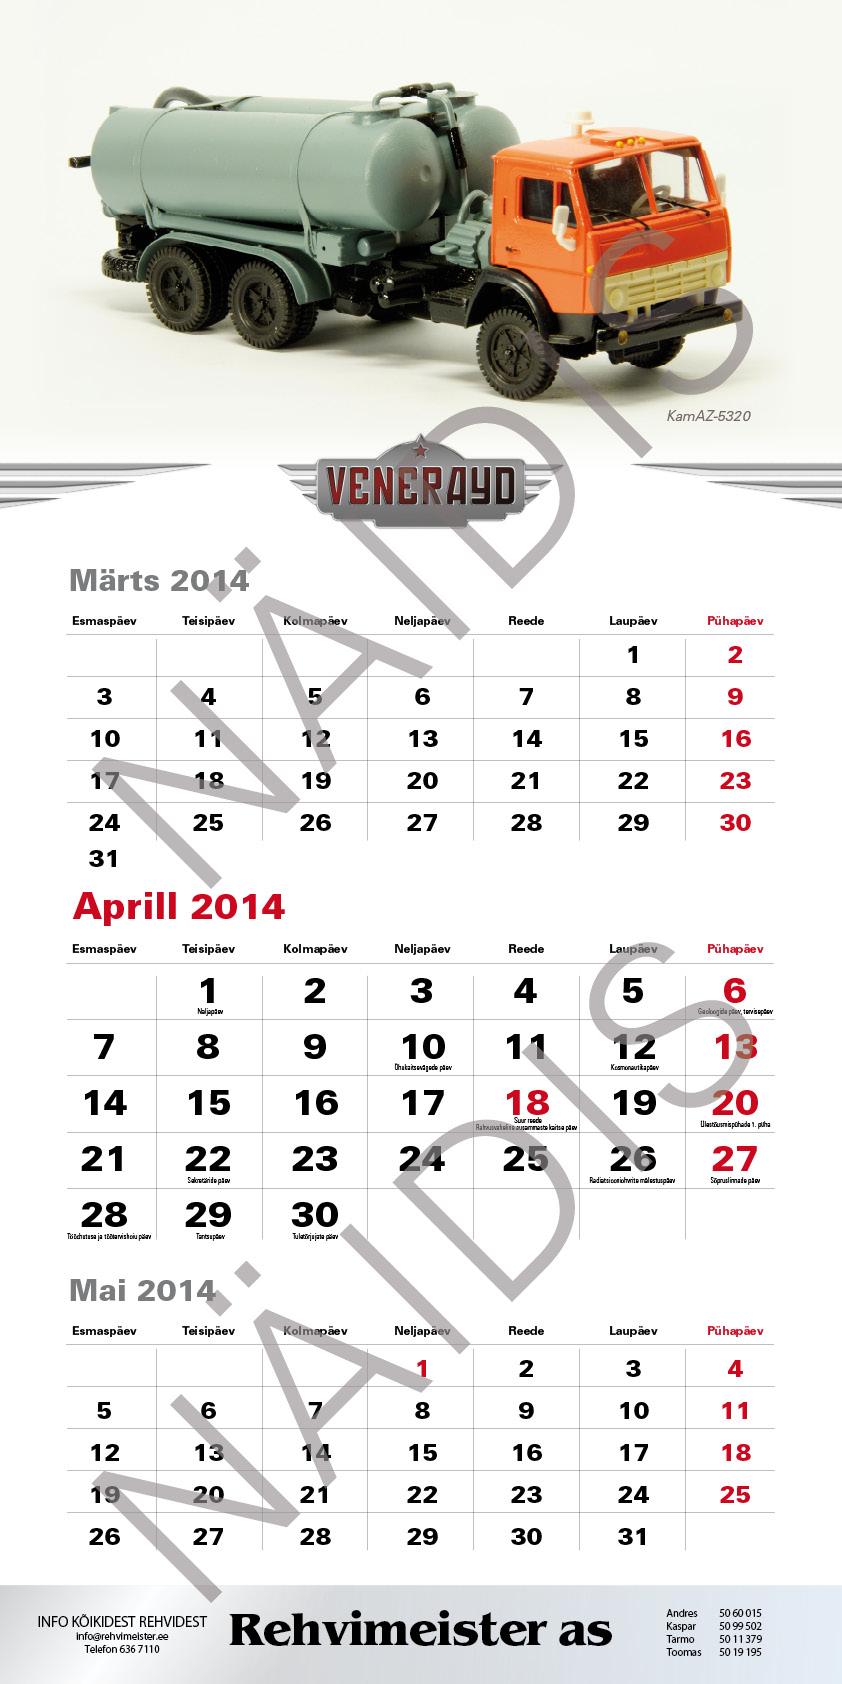 Veneraud_kalender_20145